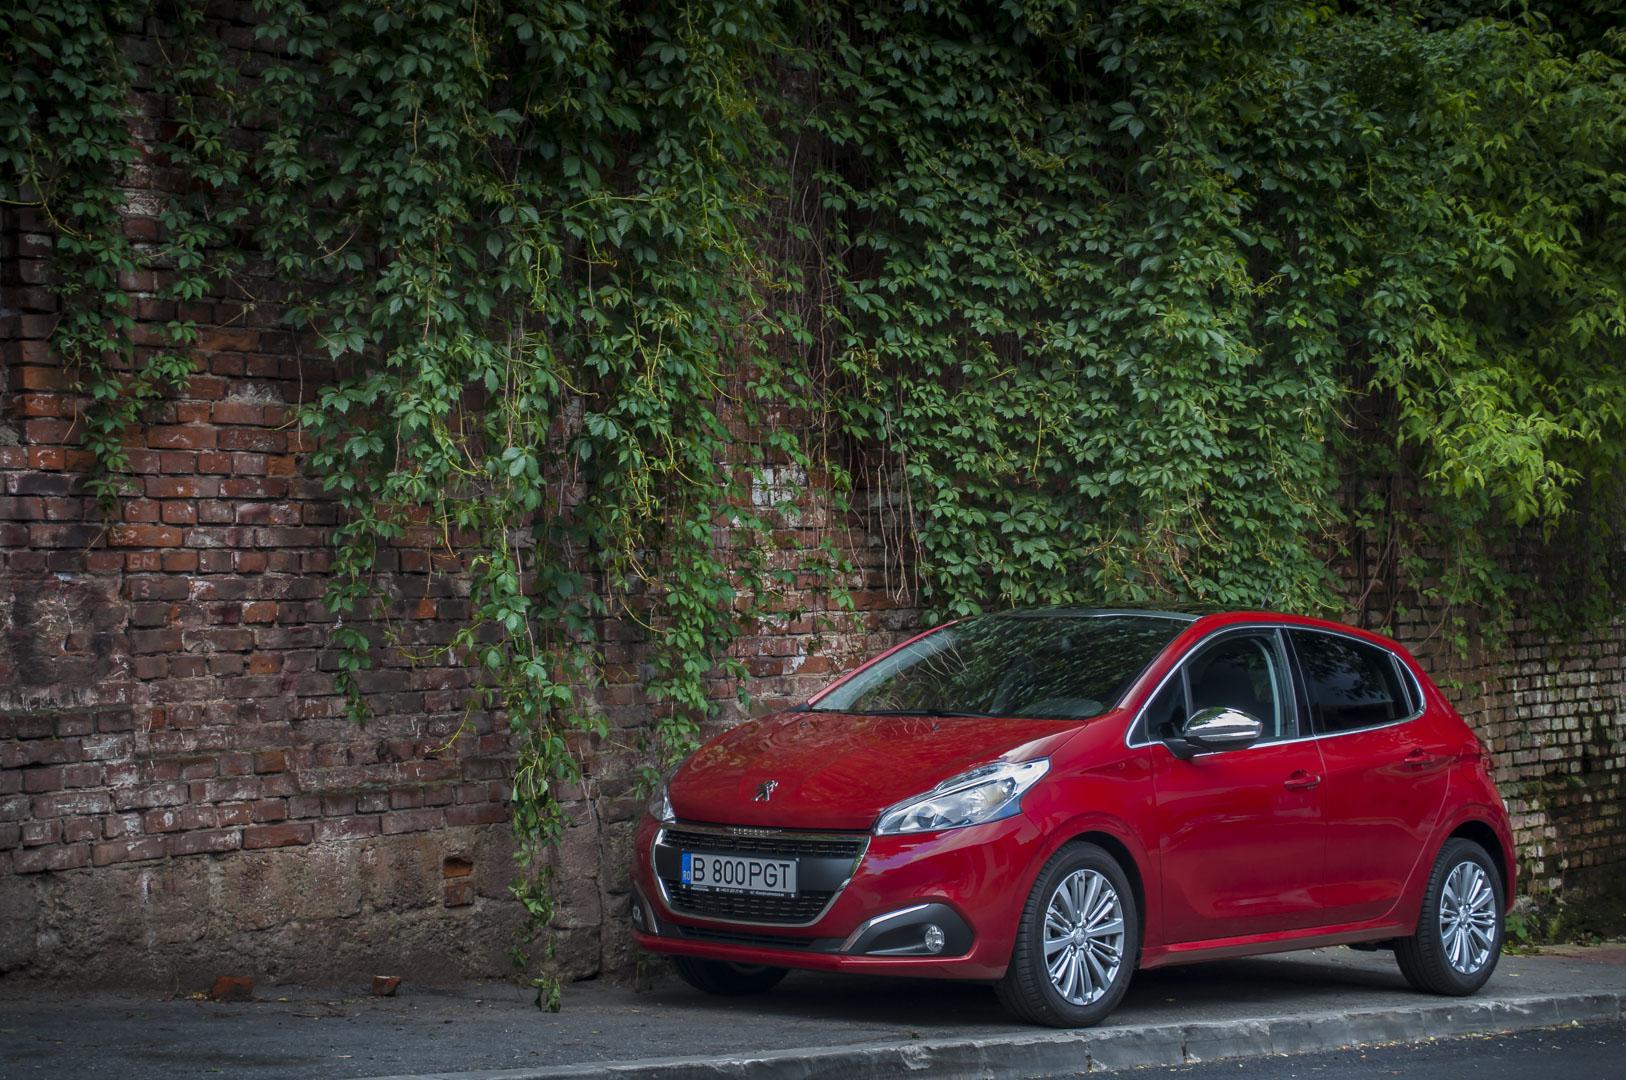 Drive – test Peugeot 208 facelift – 1.6 BlueHDI – 100 CP – 5MT